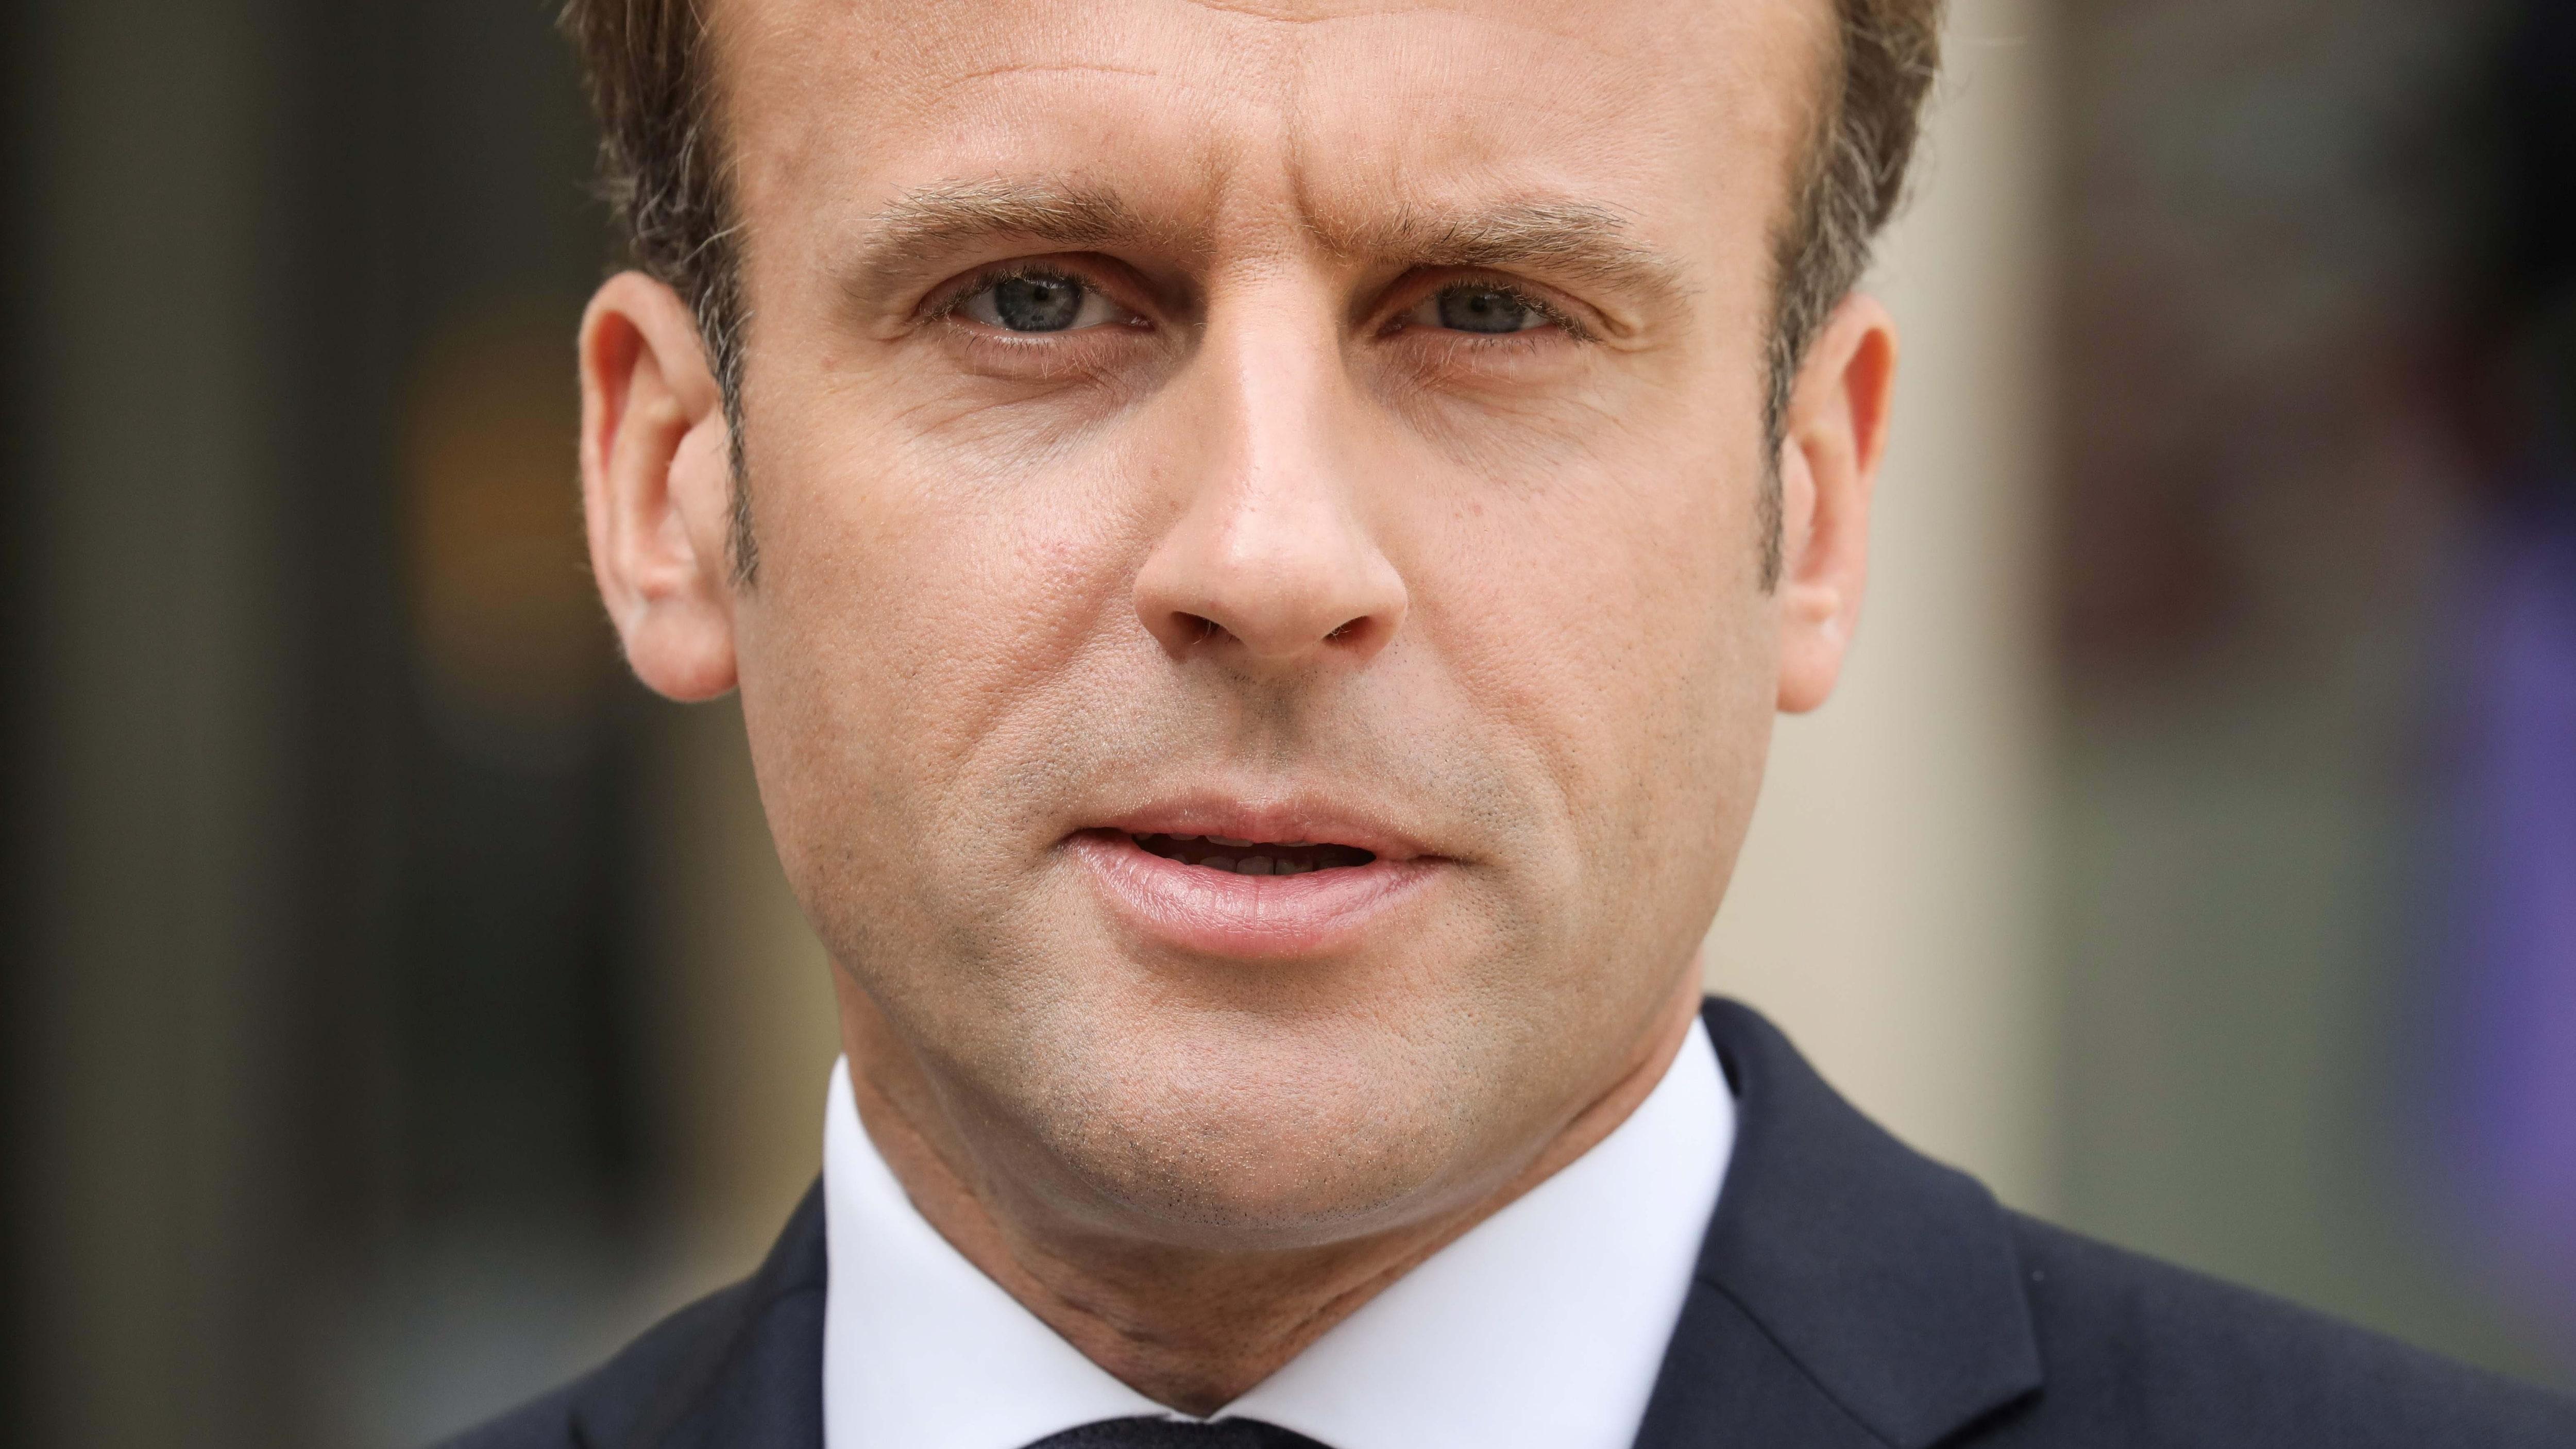 Macron vill lägga ner elitskolan han själv gick på